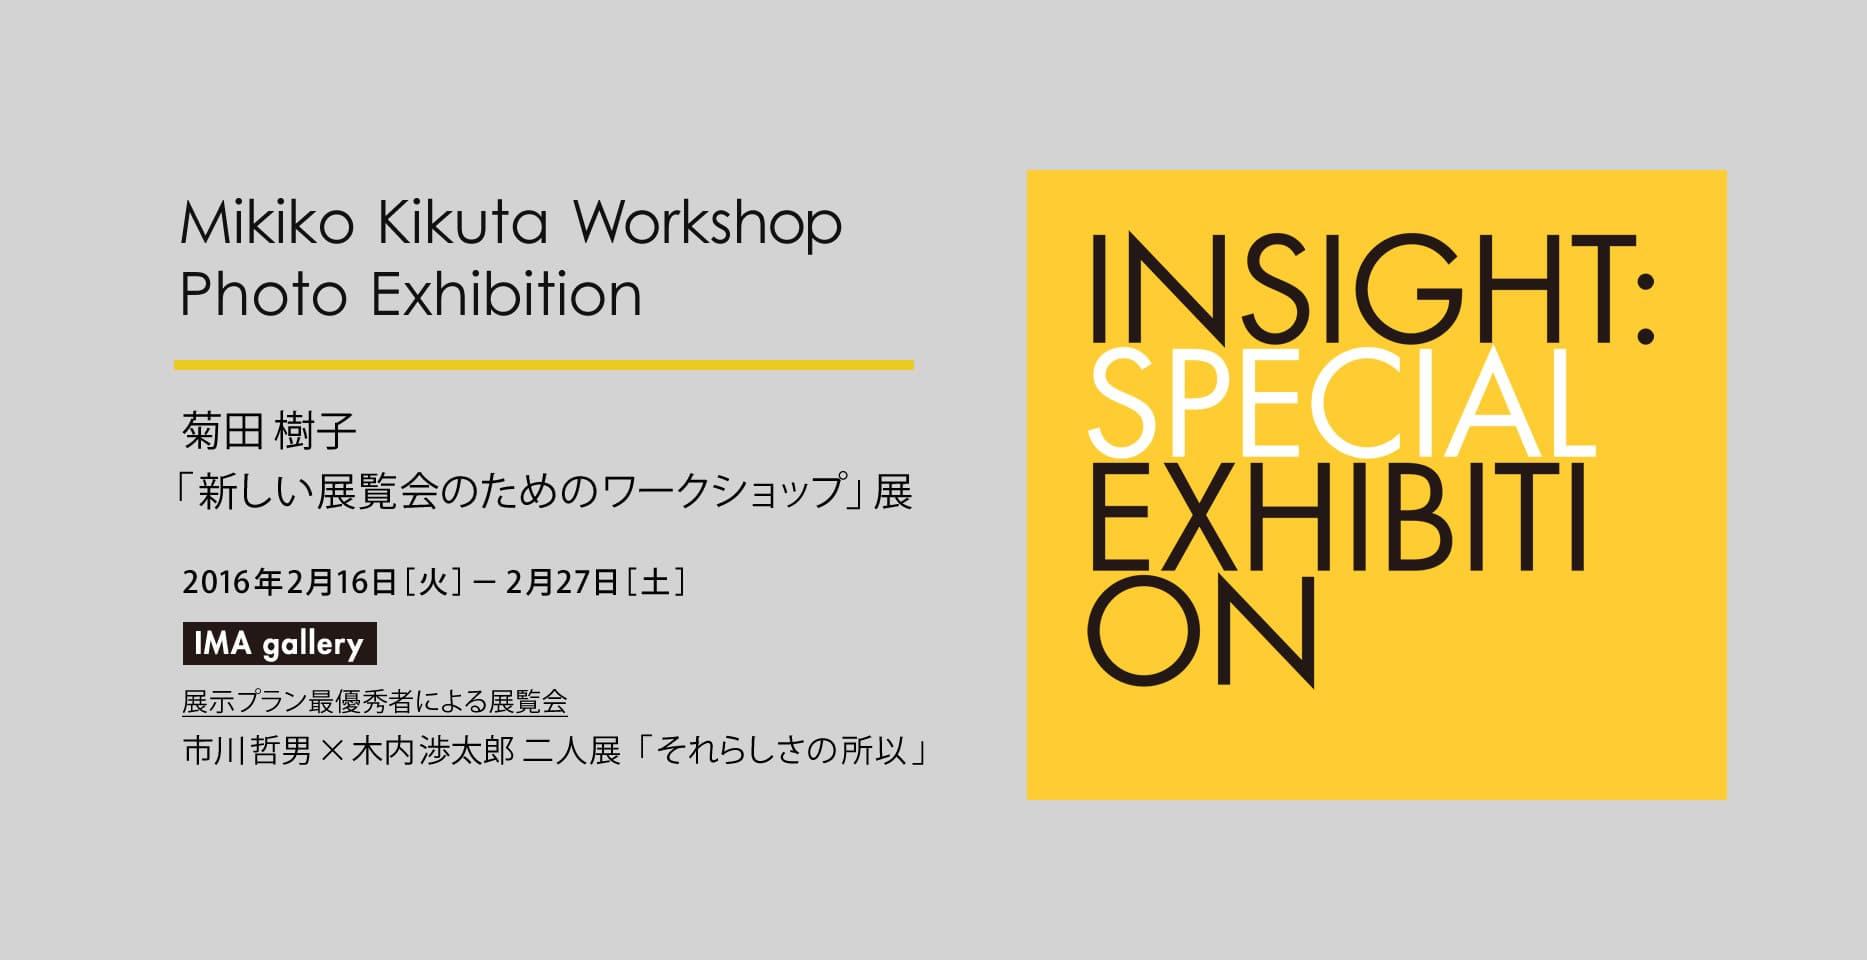 菊田樹子「新しい展覧会のためのワークショップ」展